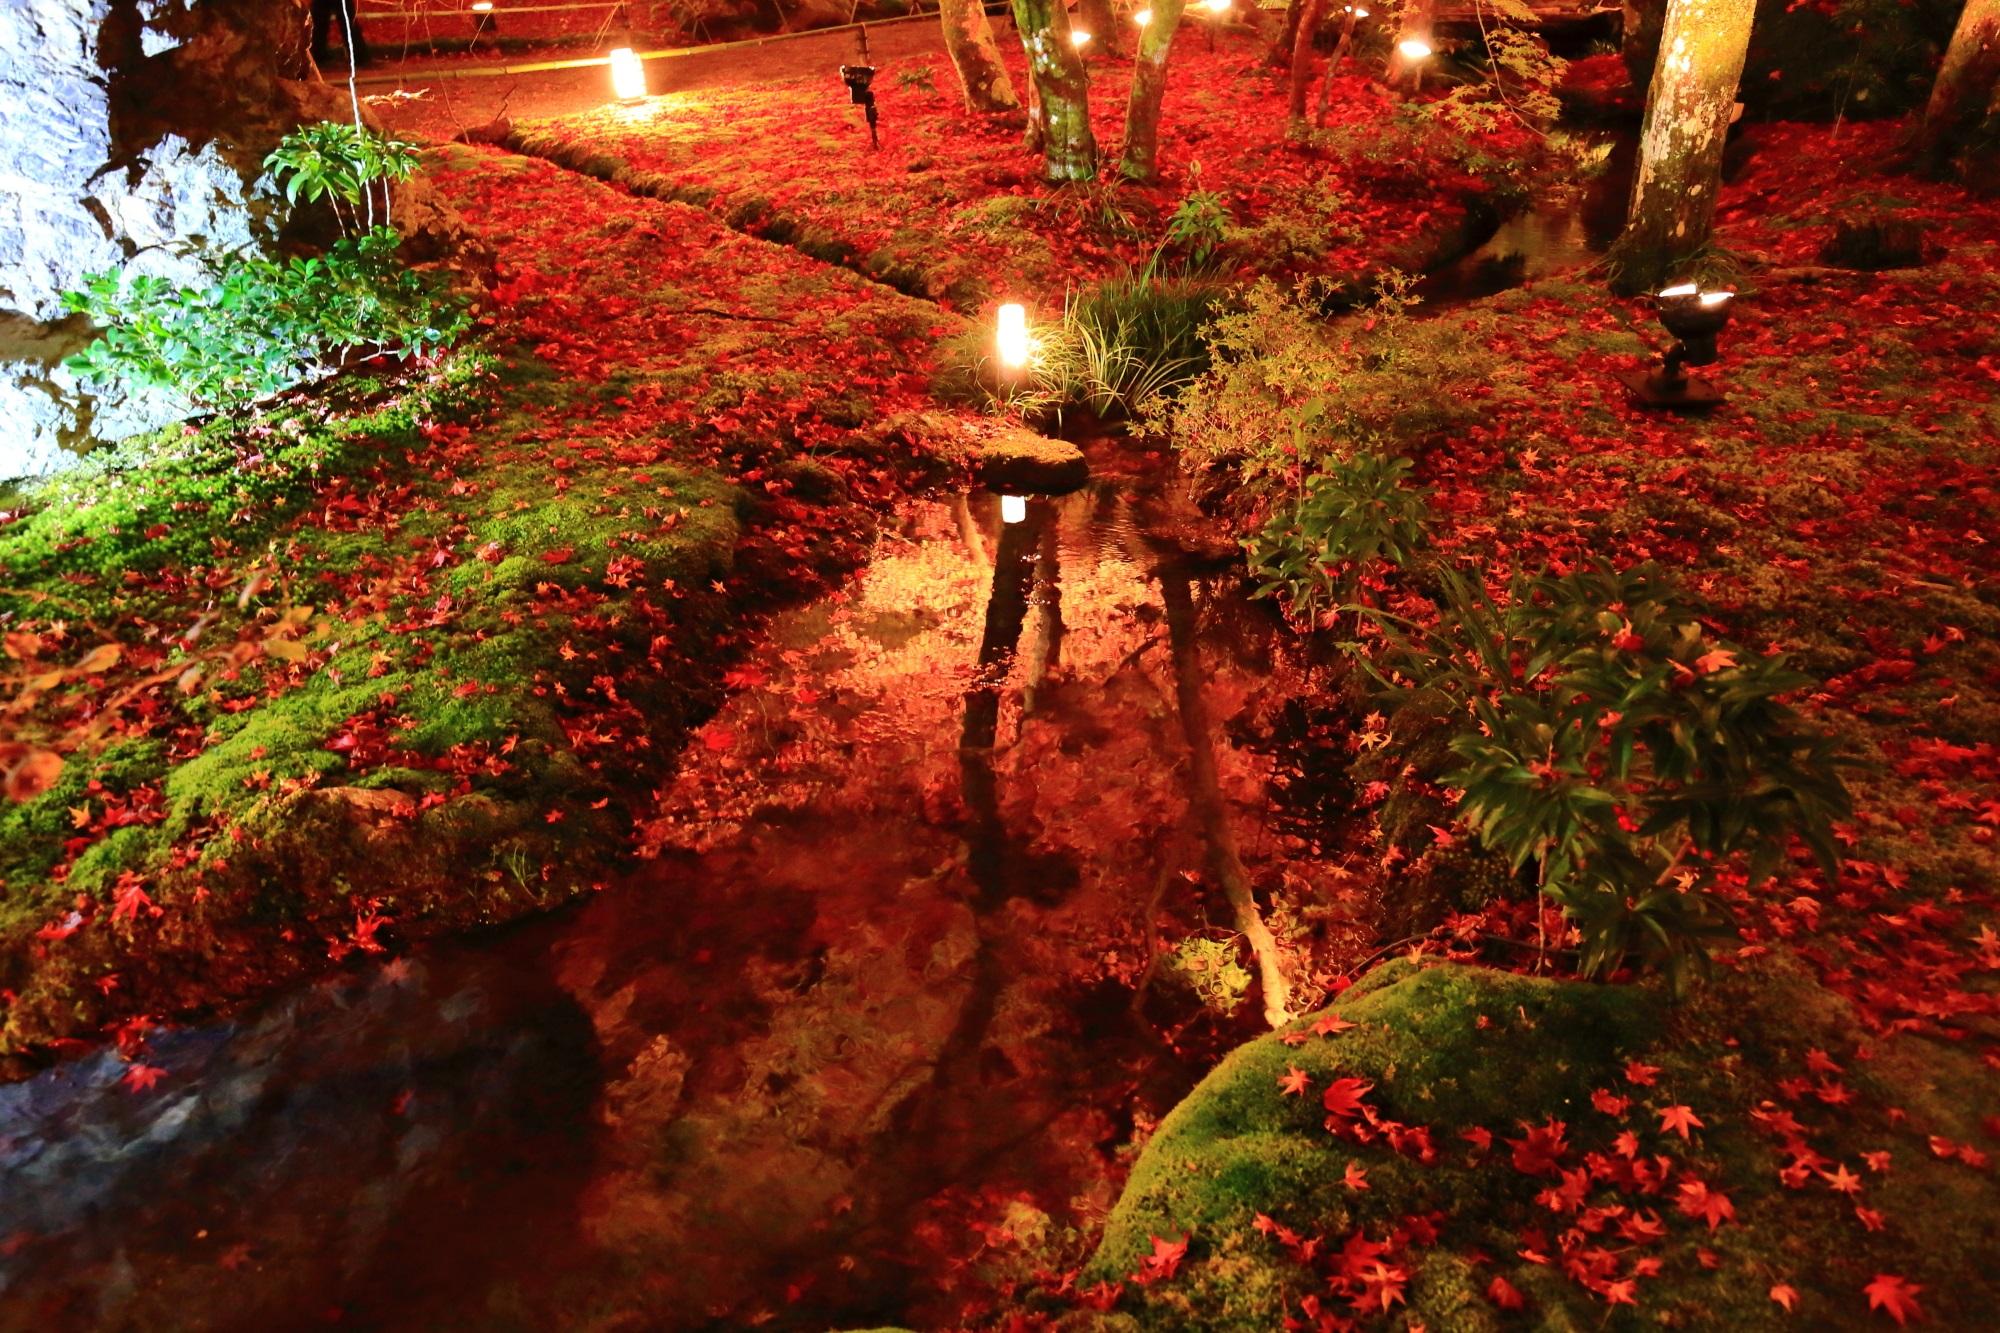 宝厳院の獅子岩付近の小川の紅葉と水鏡と散りもみじのライトアップ